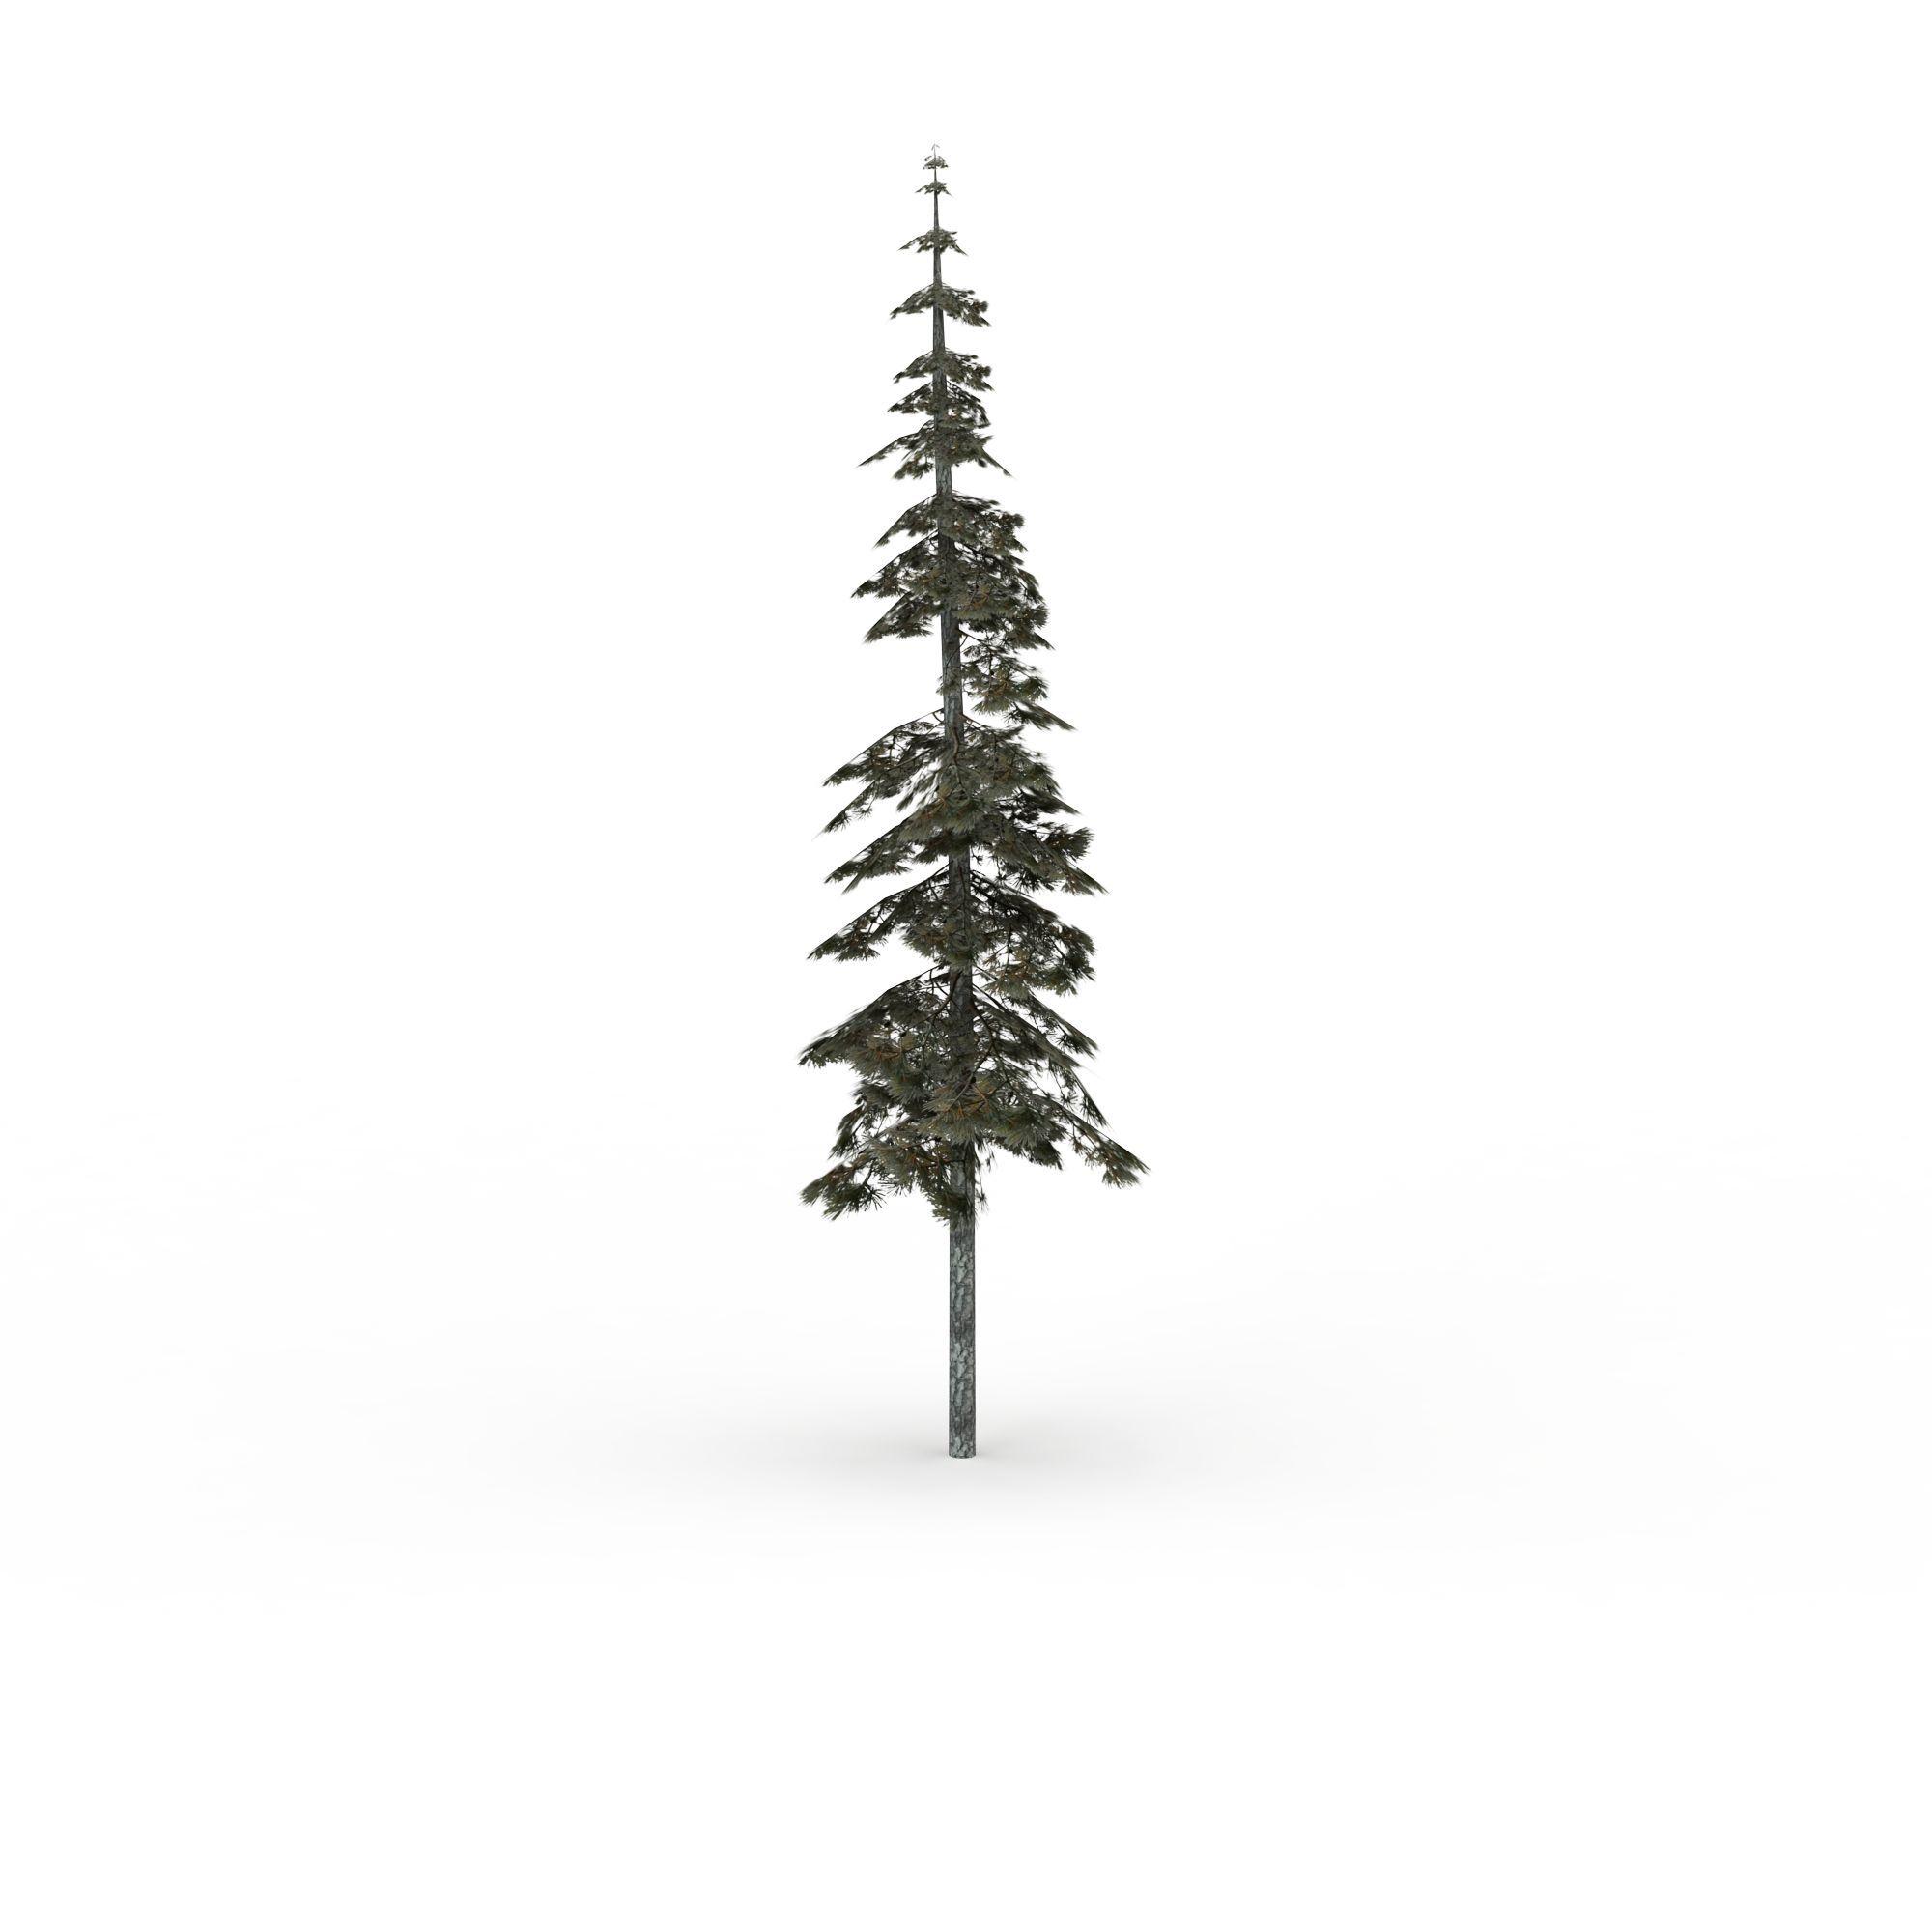 游戏树木高清图详情 设计师 3d学院 模型名称 游戏树木3d模型 学院id